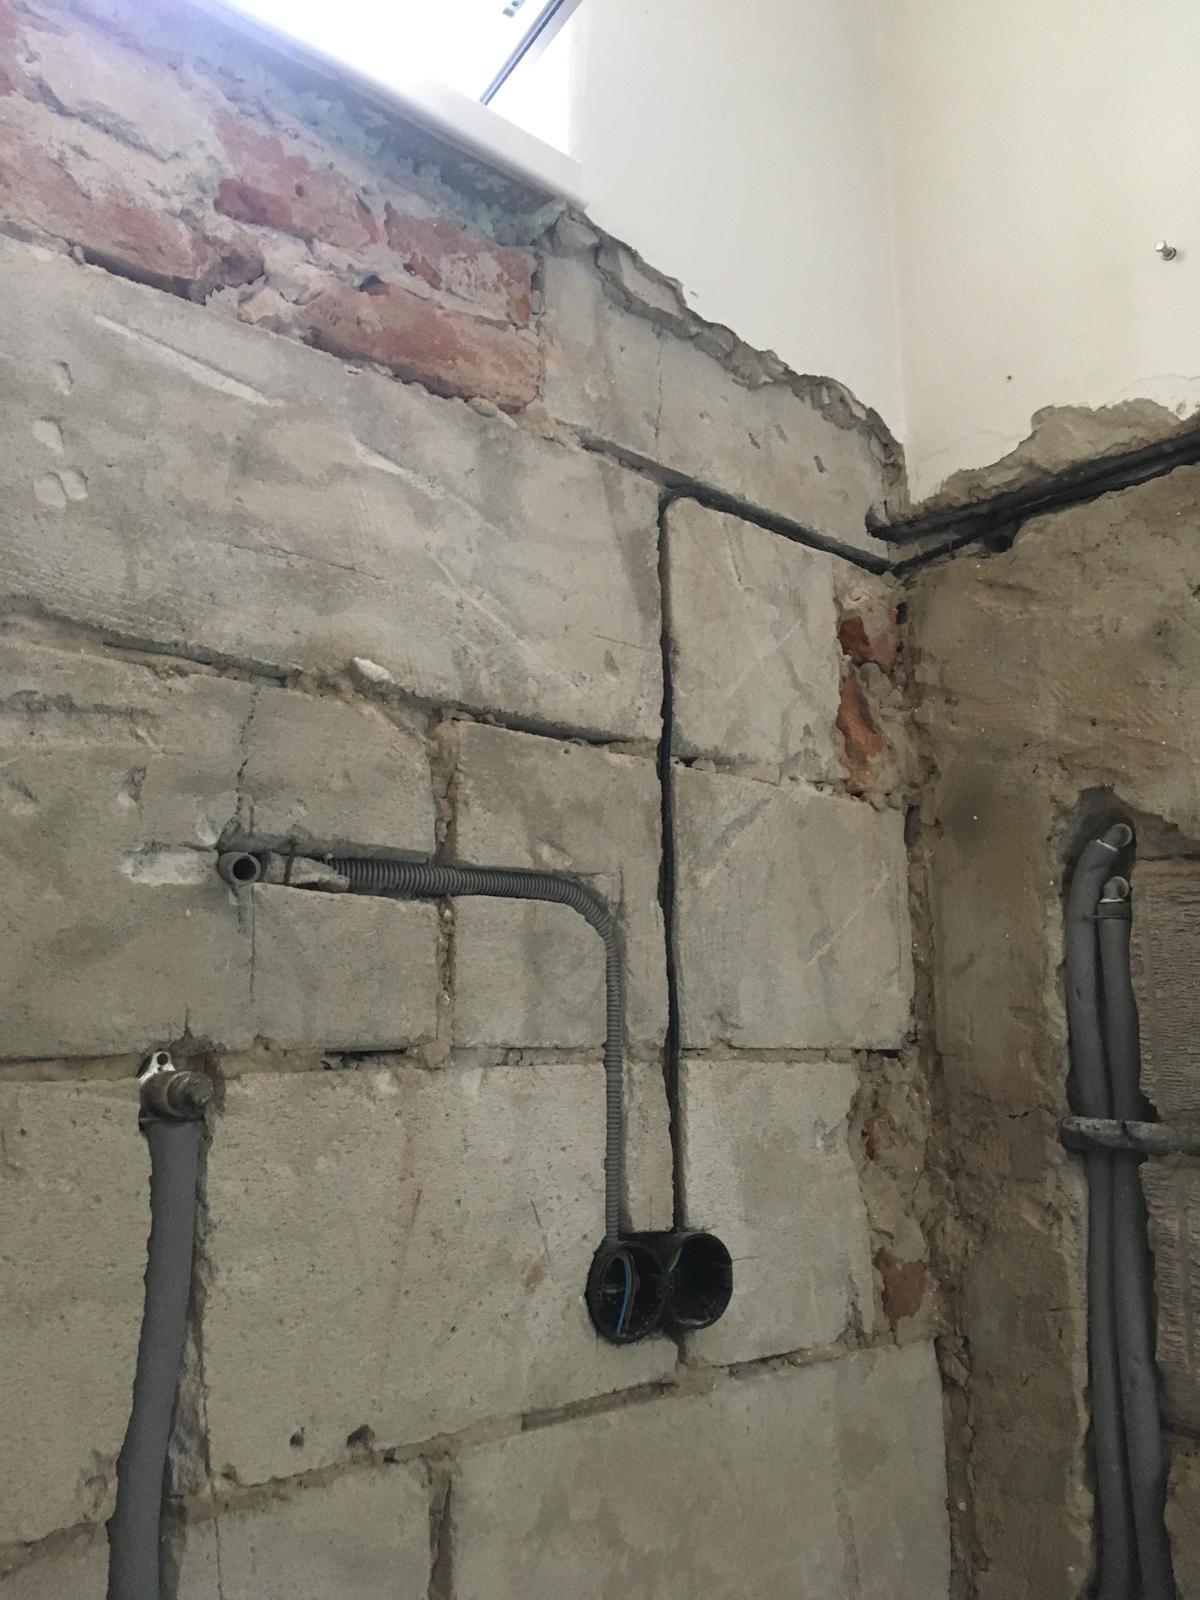 Rekonštrukcia WC - Rozmerovo vychádzal nový obklad tesne pod parapet. Kábel v rohu cez stenu k 3f zásuvke na fasáde (to som si myslel, kým som nezačal prerábať rozvádzač - a on to kábel po fasáde okolo domu k sporáku v kuchyni; asi 12 m)